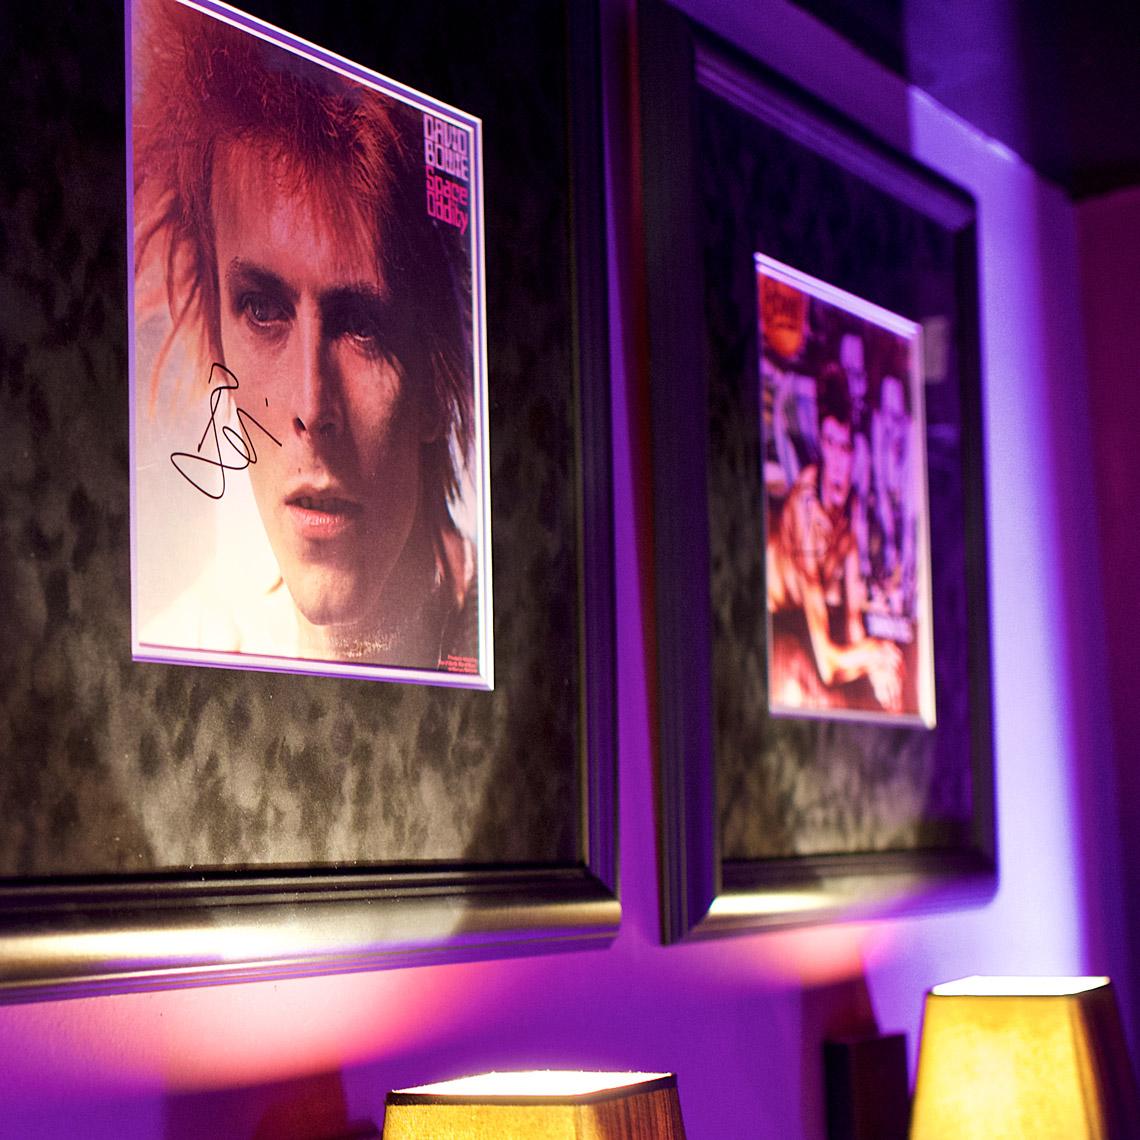 L'Unique Foundation | Exhibition | David Bowie